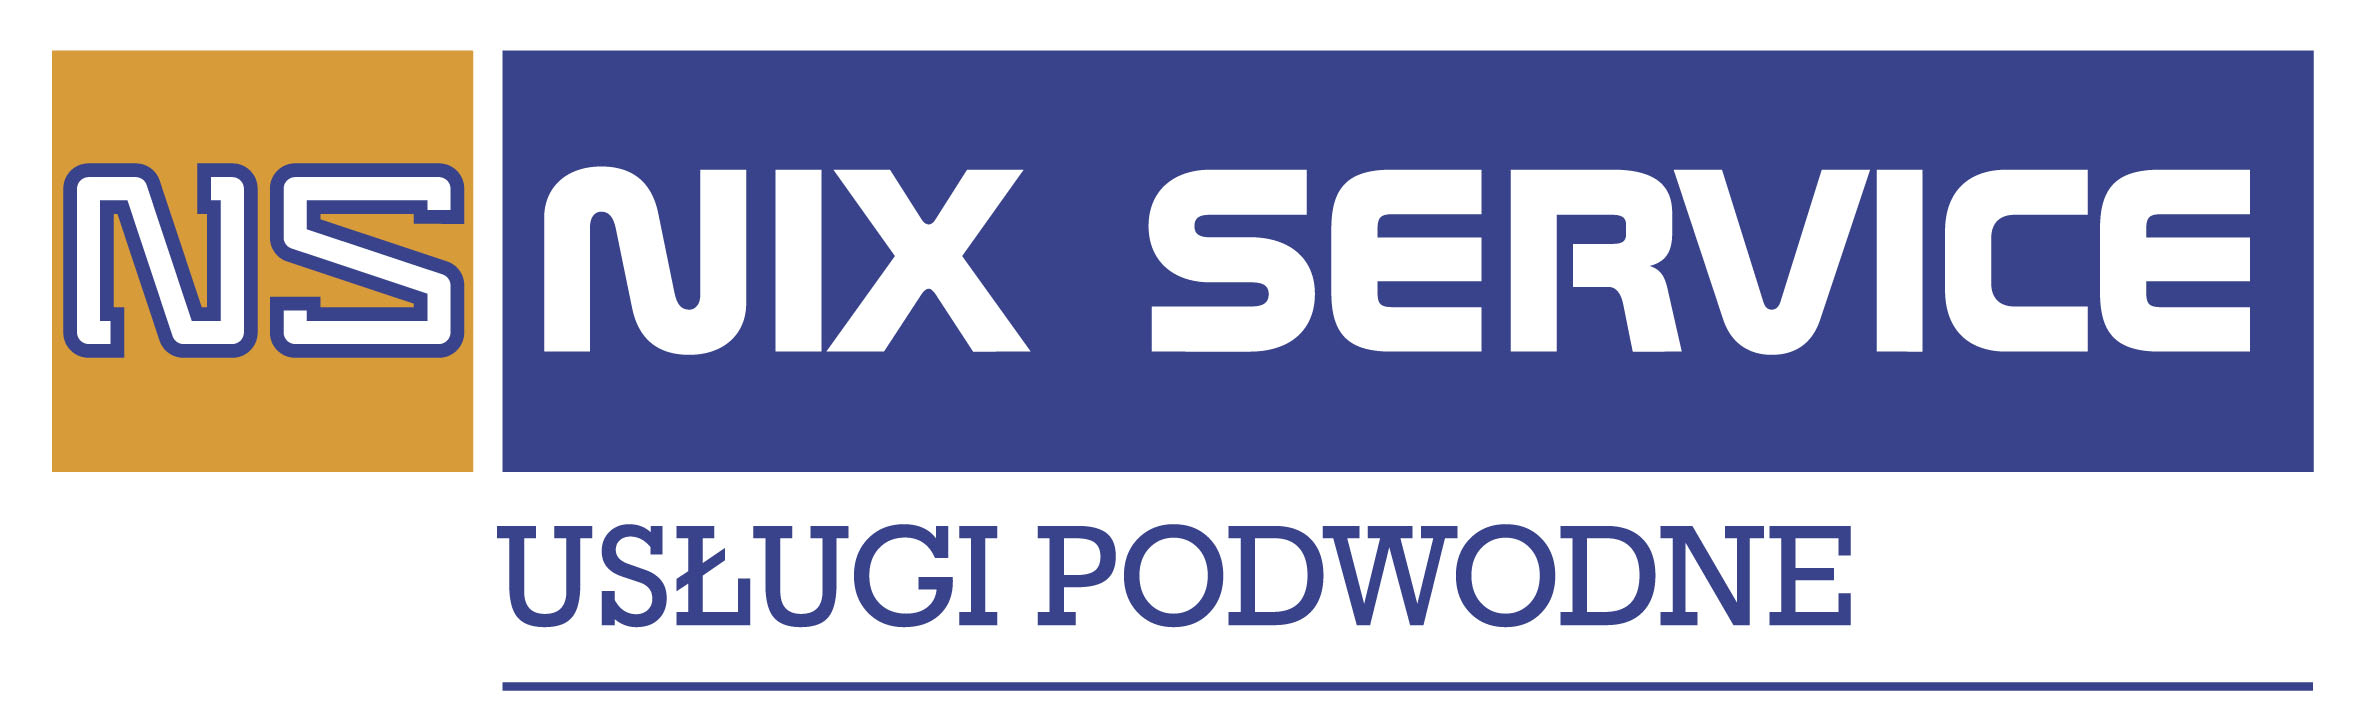 NIX SERVICE -  UNDERWATER SERVICE